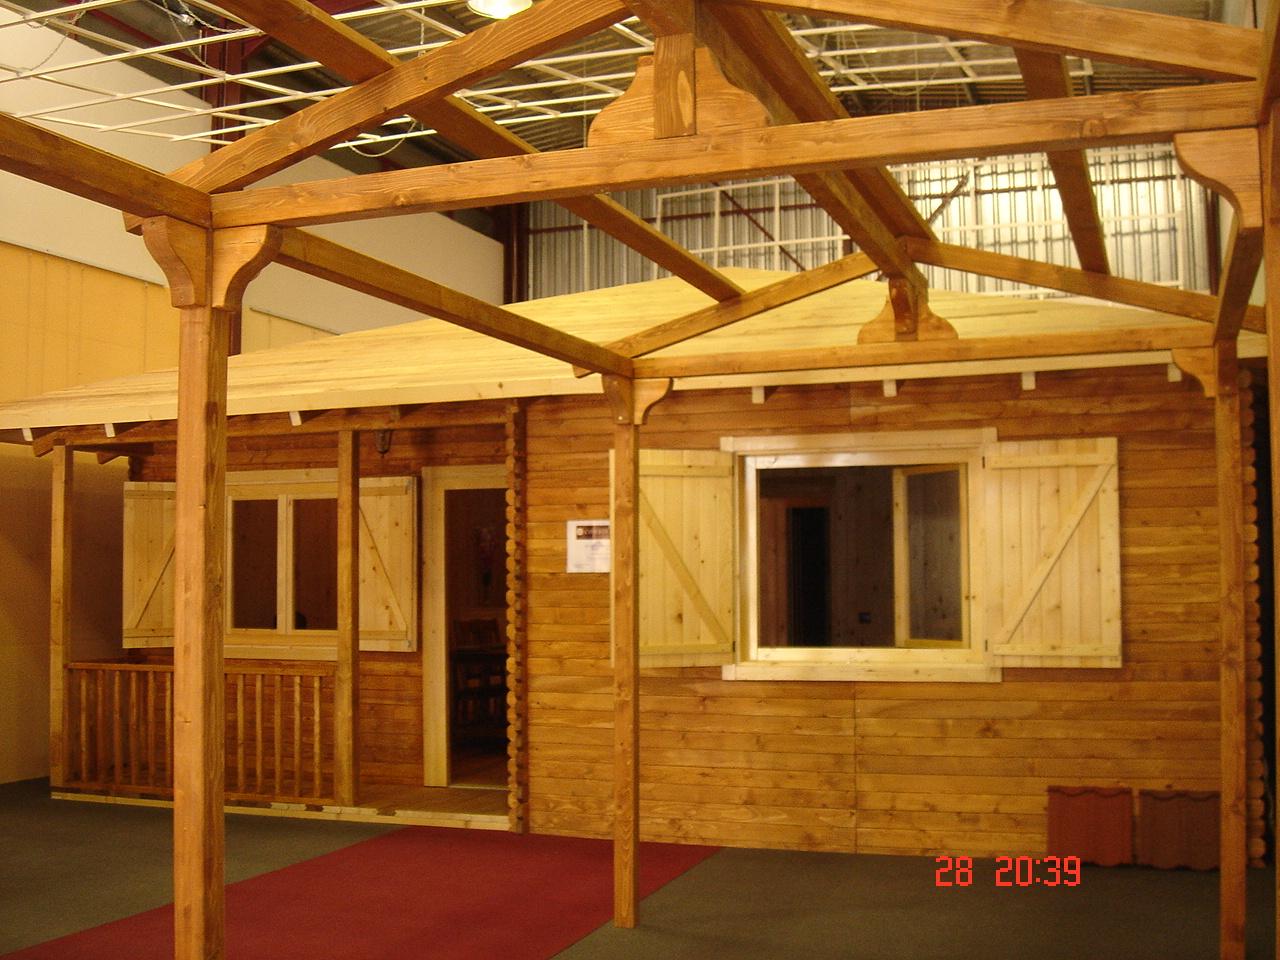 Casa de madera sevilla nueva a estrenar de 60 m2 con - Ocasion casa malaga ...